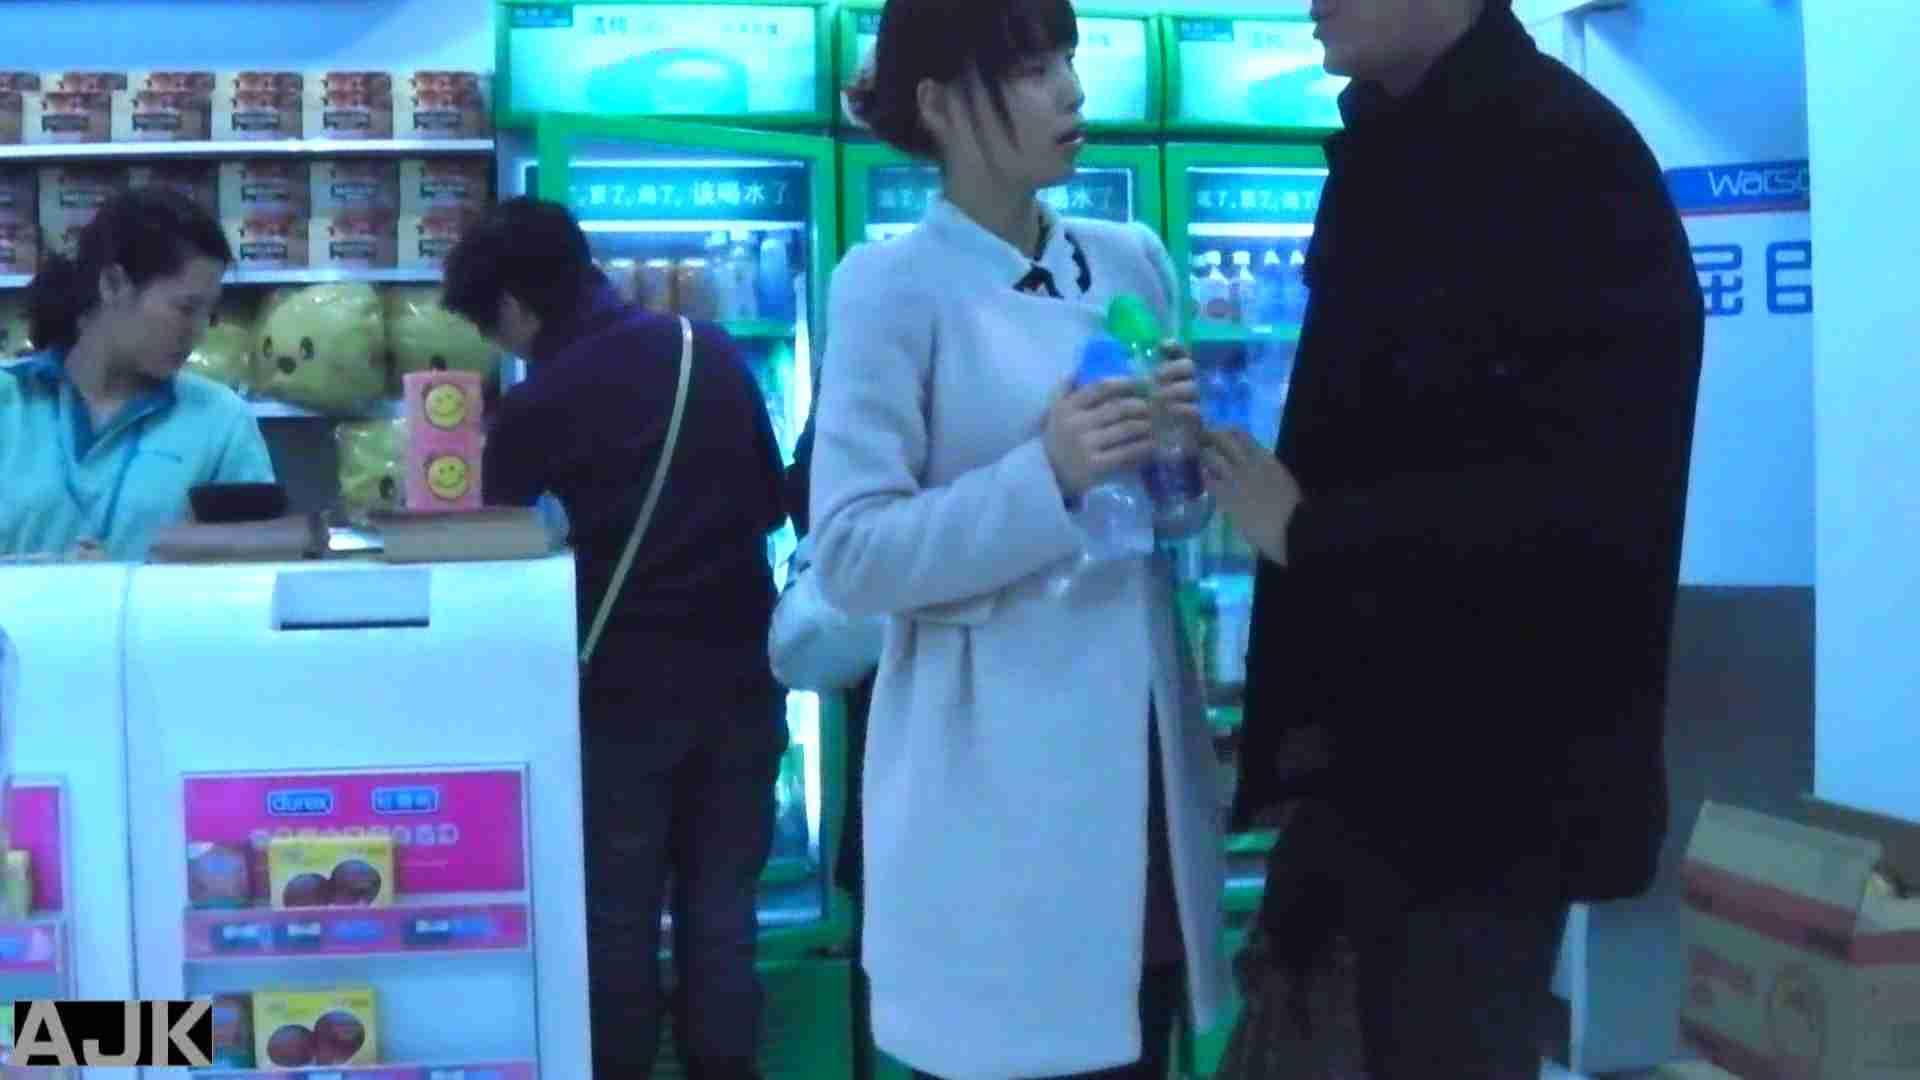 隣国上階級エリアの令嬢たちが集うデパートお手洗い Vol.14 マンコ エロ無料画像 96枚 4